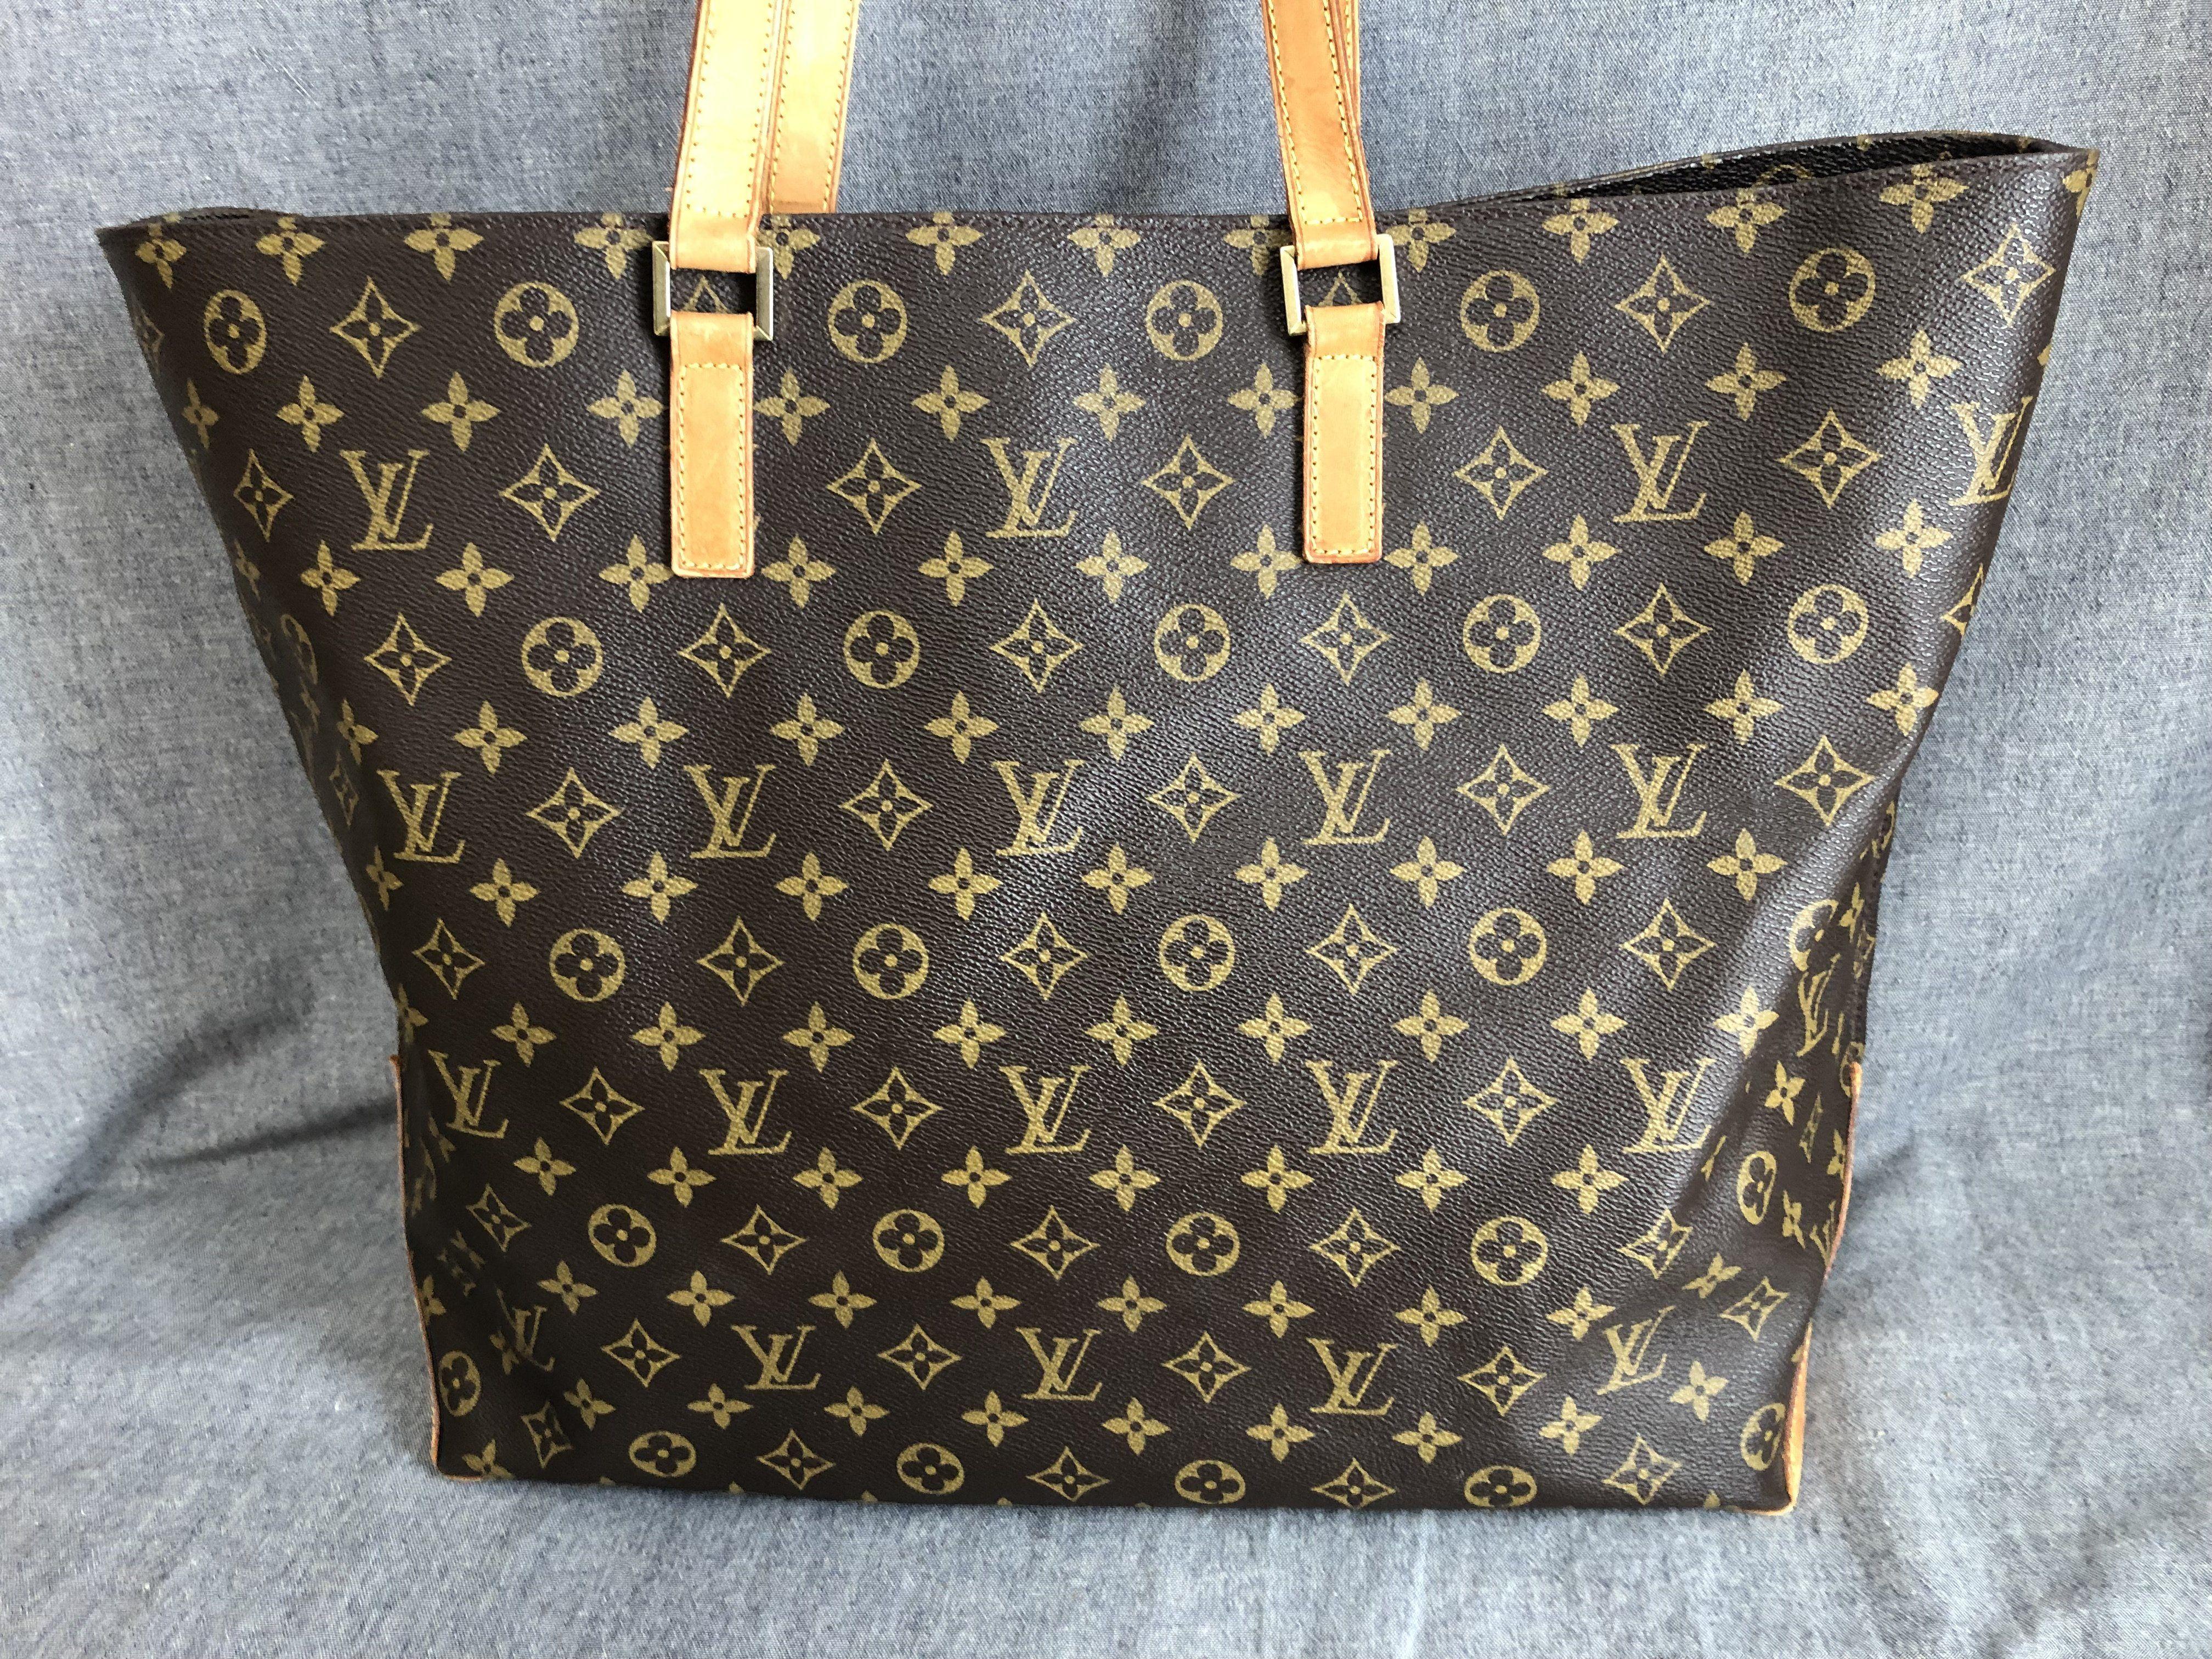 af488bcab875 Authentic Louis Vuitton Tote Bag Cabas Alto M51152 Browns Monogram ...